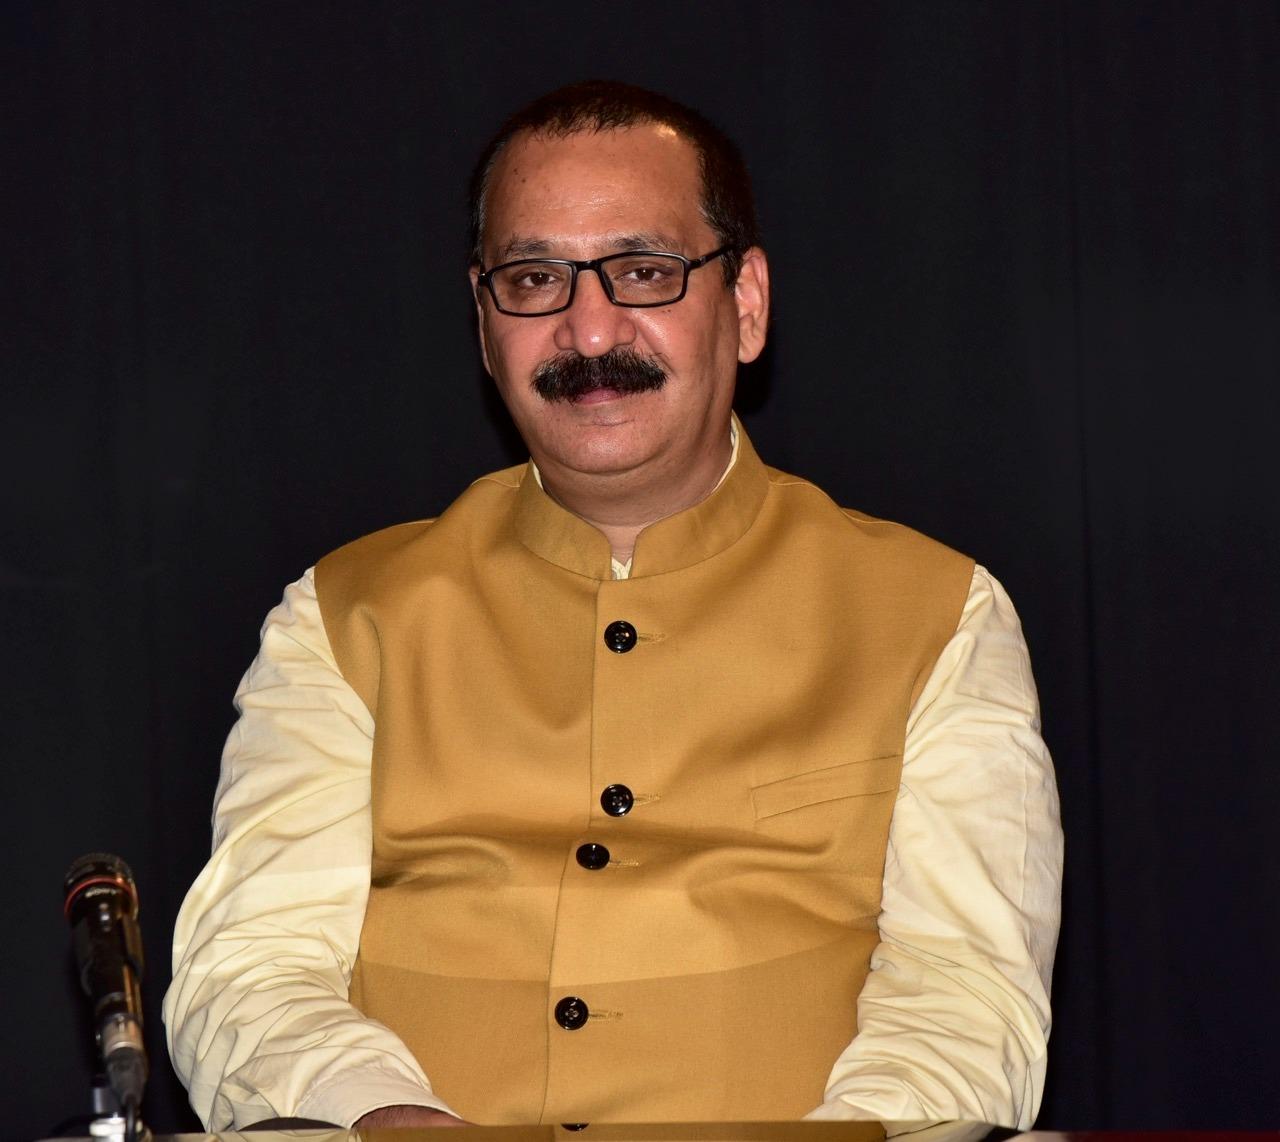 भारत को 'सर्विस कंज्यूमर' से 'सर्विस प्रोवाइडर' में बदल सकती हैं भारतीय भाषाएं : प्रो. द्विवेदी